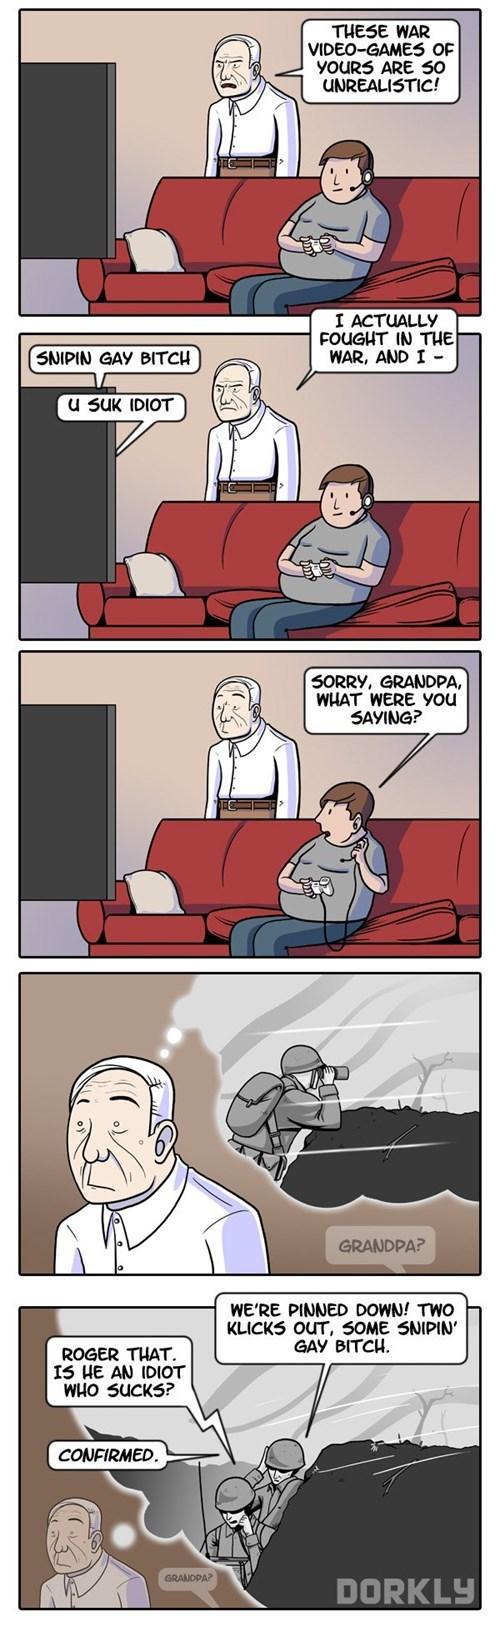 dorkly video games web comics - 7858318080